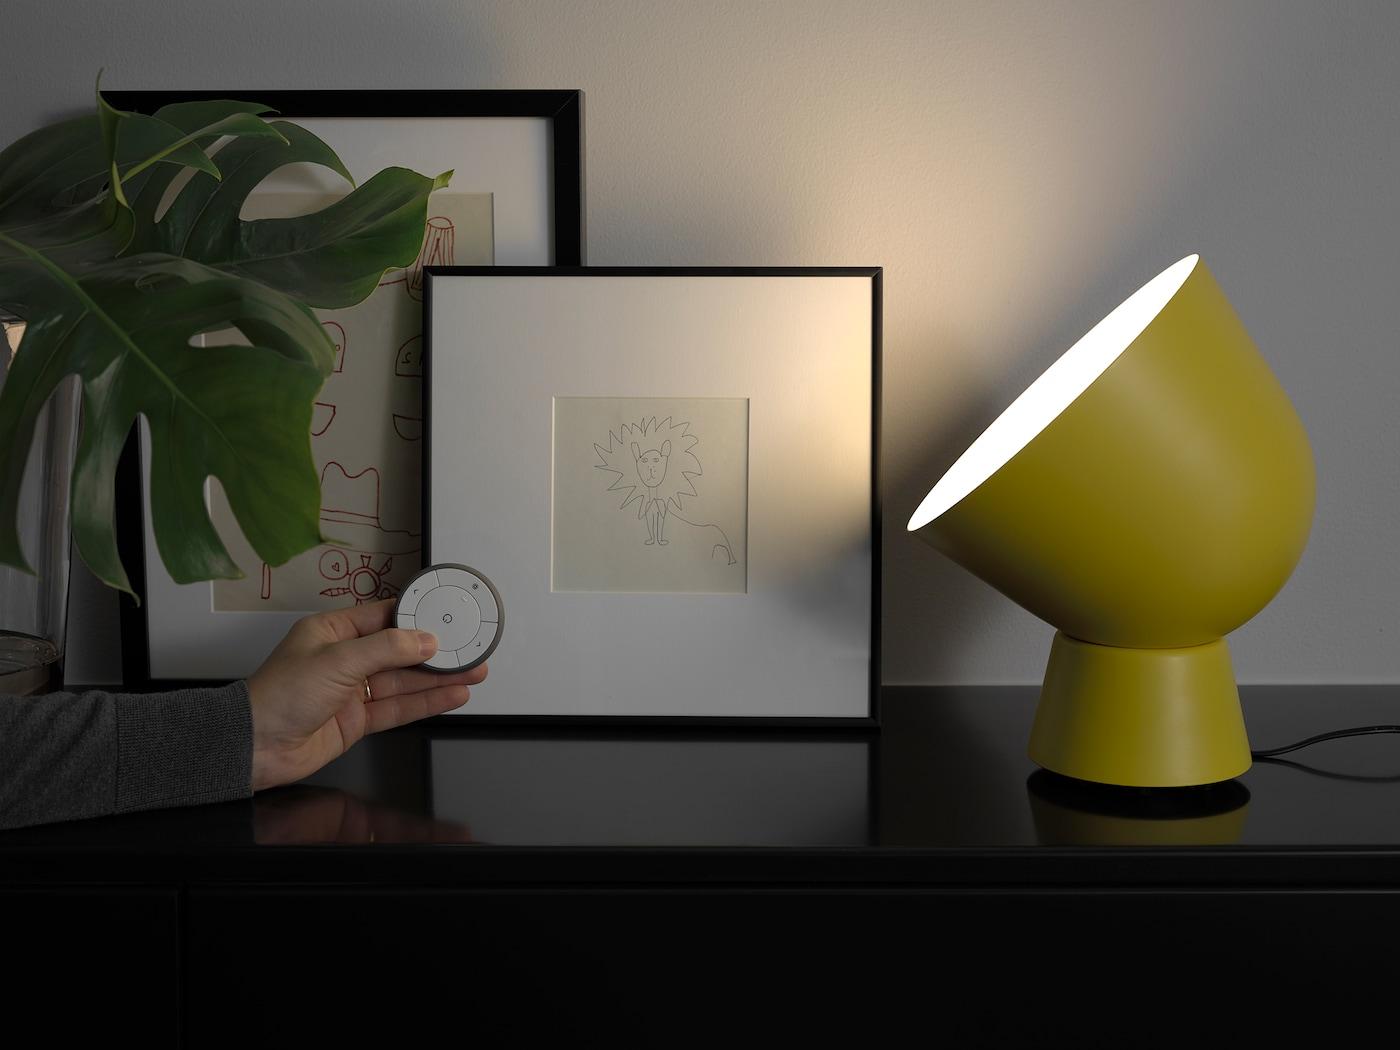 Hogar y Tecnología y Hogar IKEA Inteligente IKEA Inteligente Tecnología Okn0wP